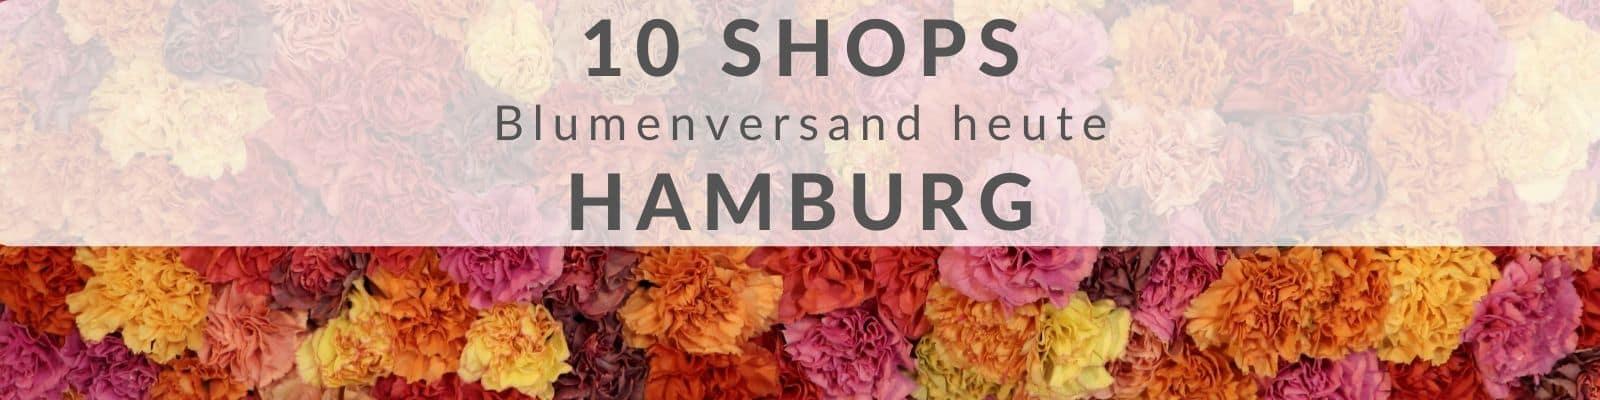 Blumen verschicken Hamburg - Blumenversand online